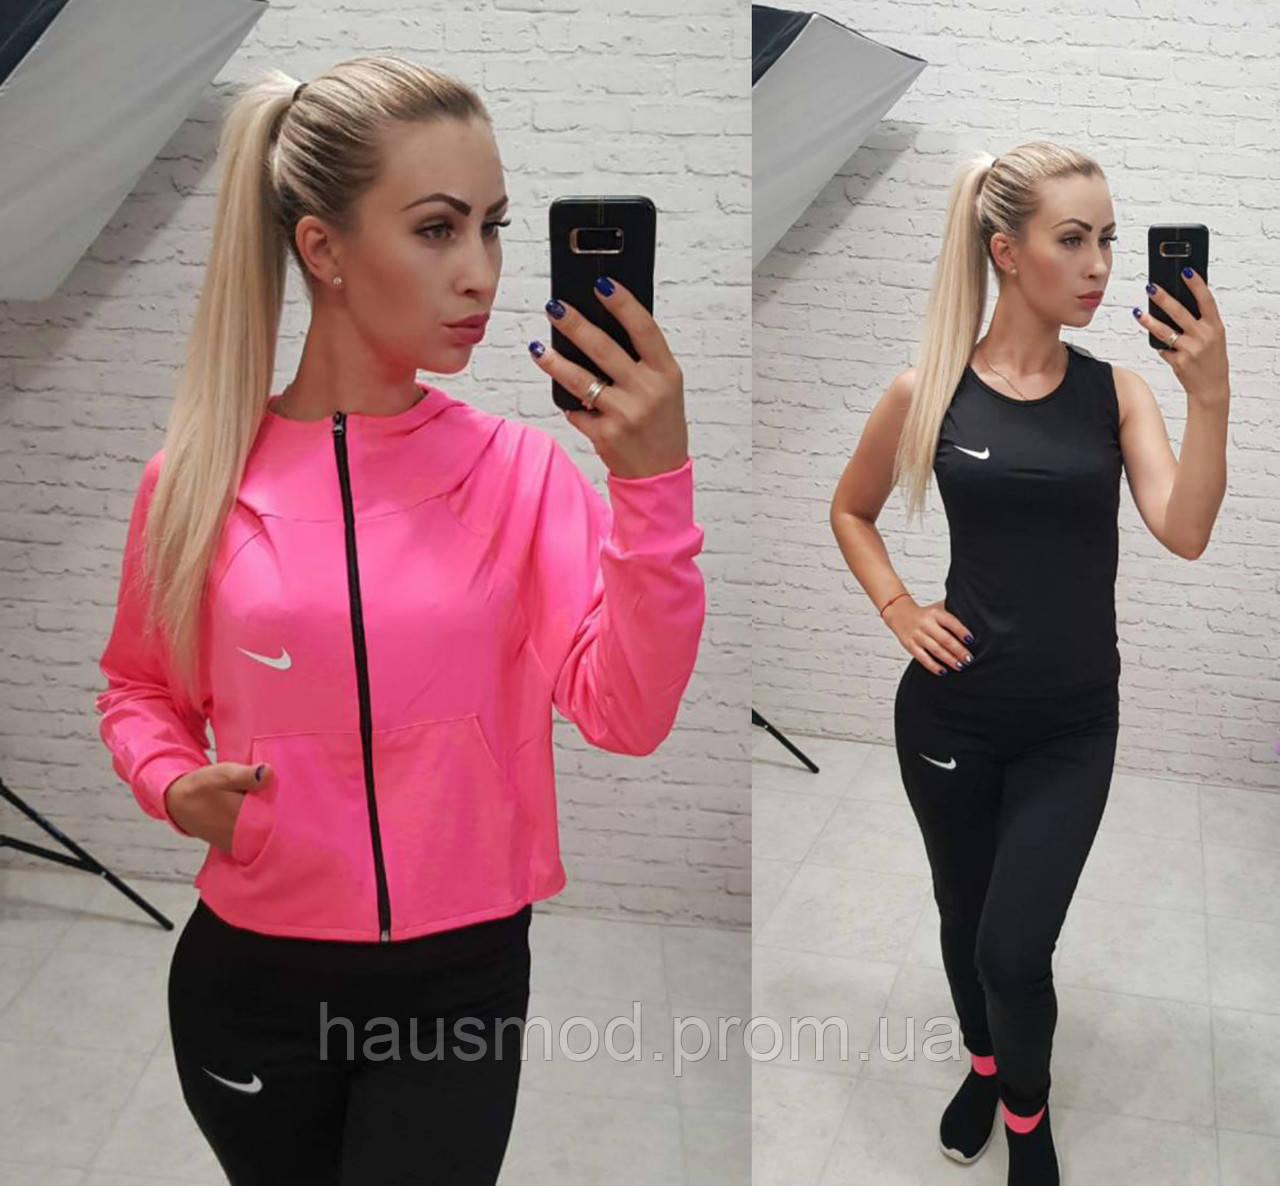 Фитнес костюм 3-ка реплика Nike балахон с капюшоном майка и лосины микро дайвинг розовый с черным